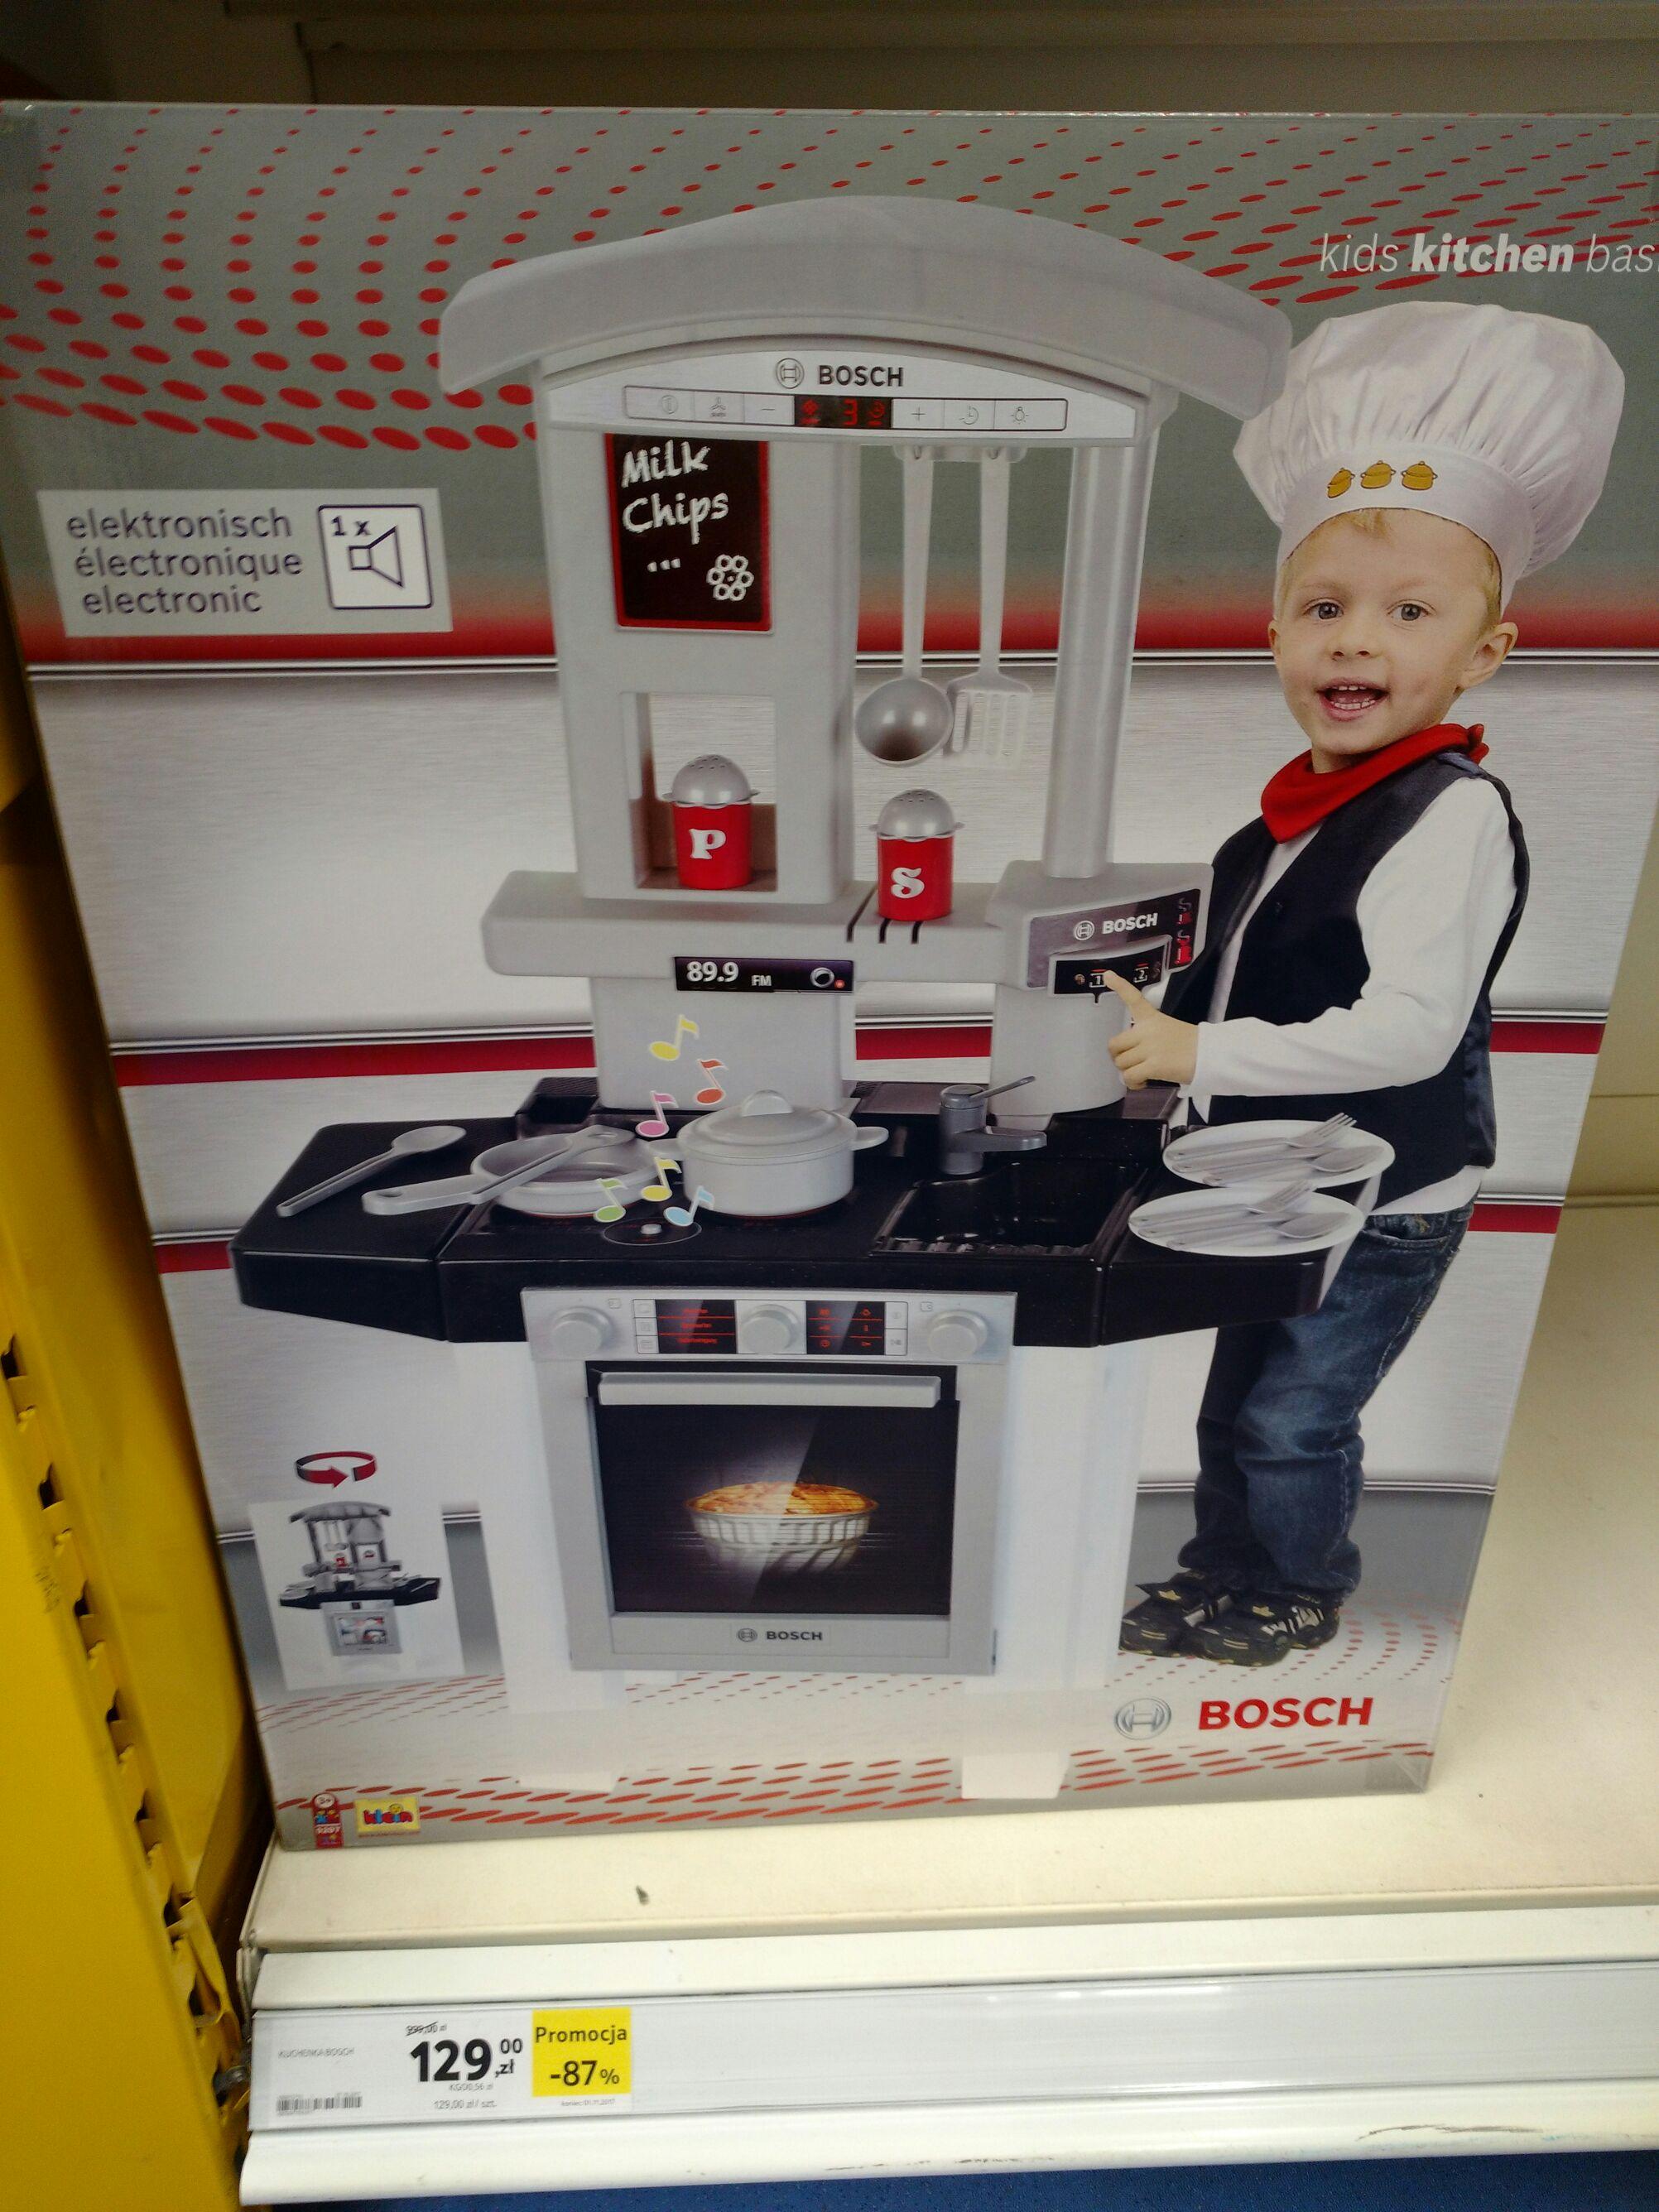 Kuchnia Bosch dla dzieci 87% taniej Tesco  Pepper pl -> Kuchnia Dla Dzieci Bosch Opinie